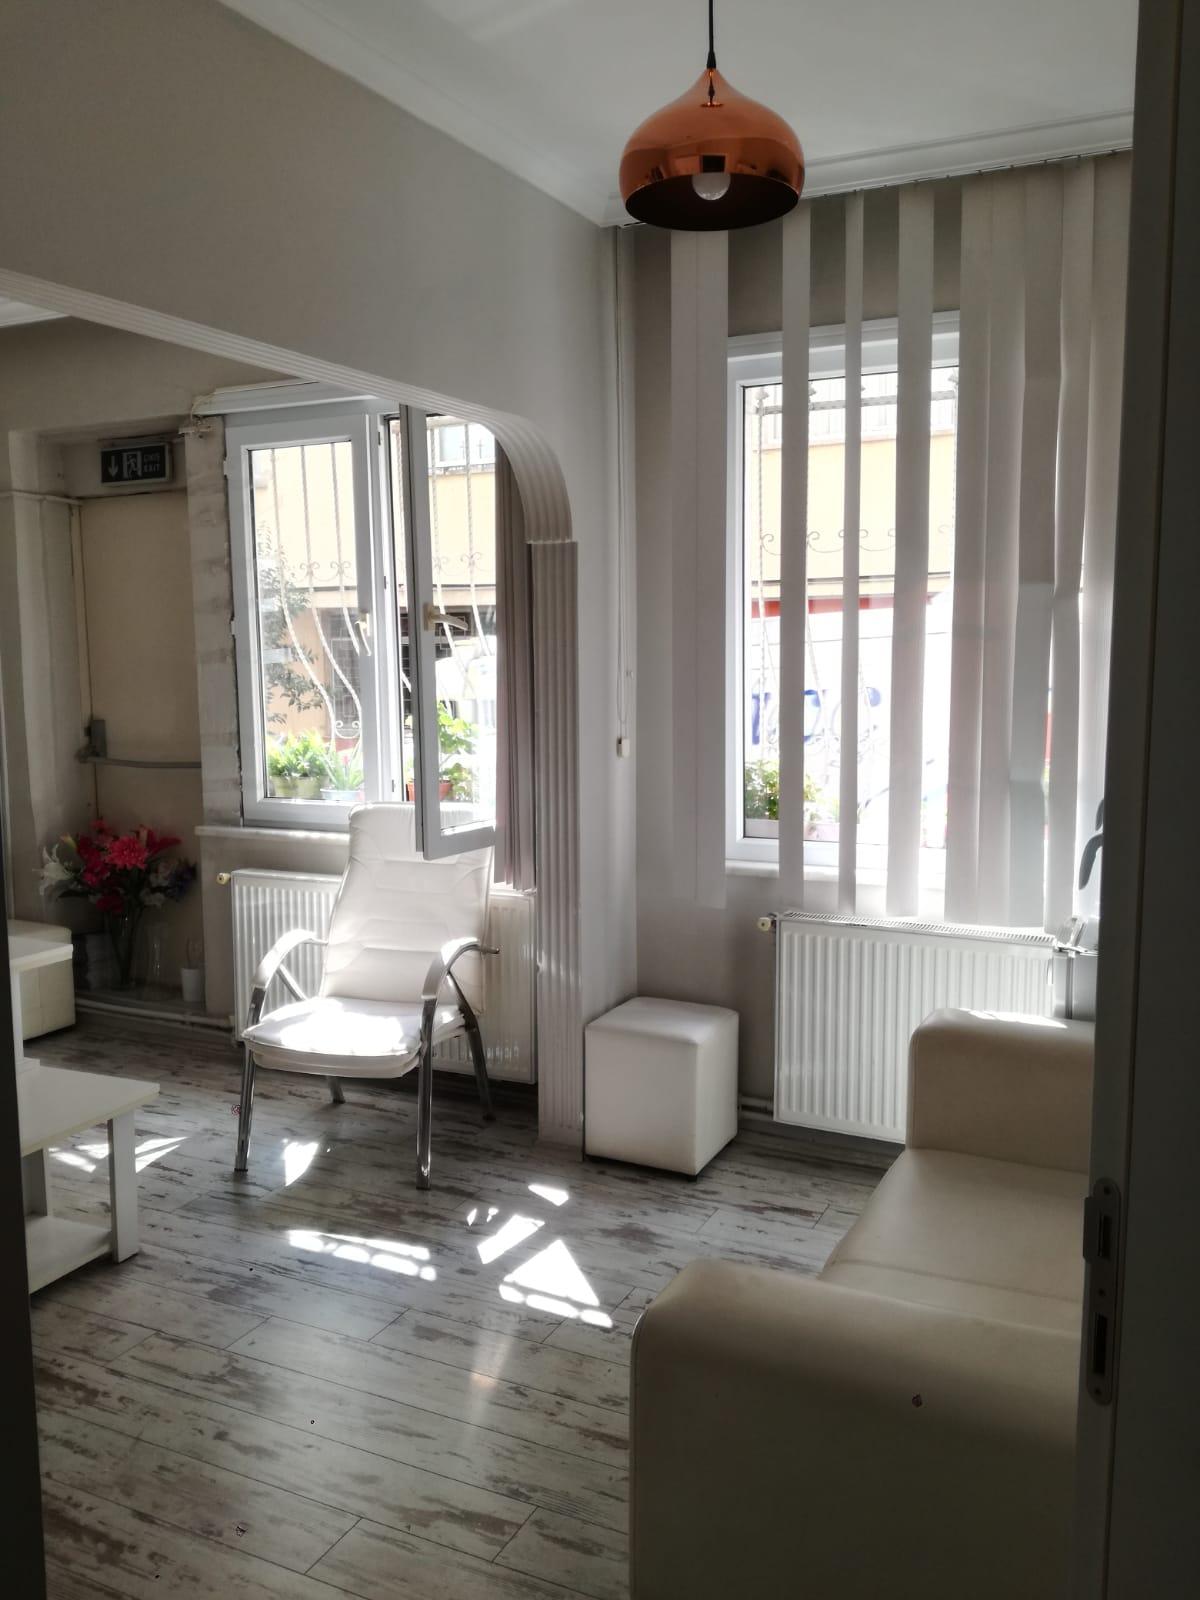 بناء في فندق زادة ( سكن طلابي)في الفاتح….اسطنبول